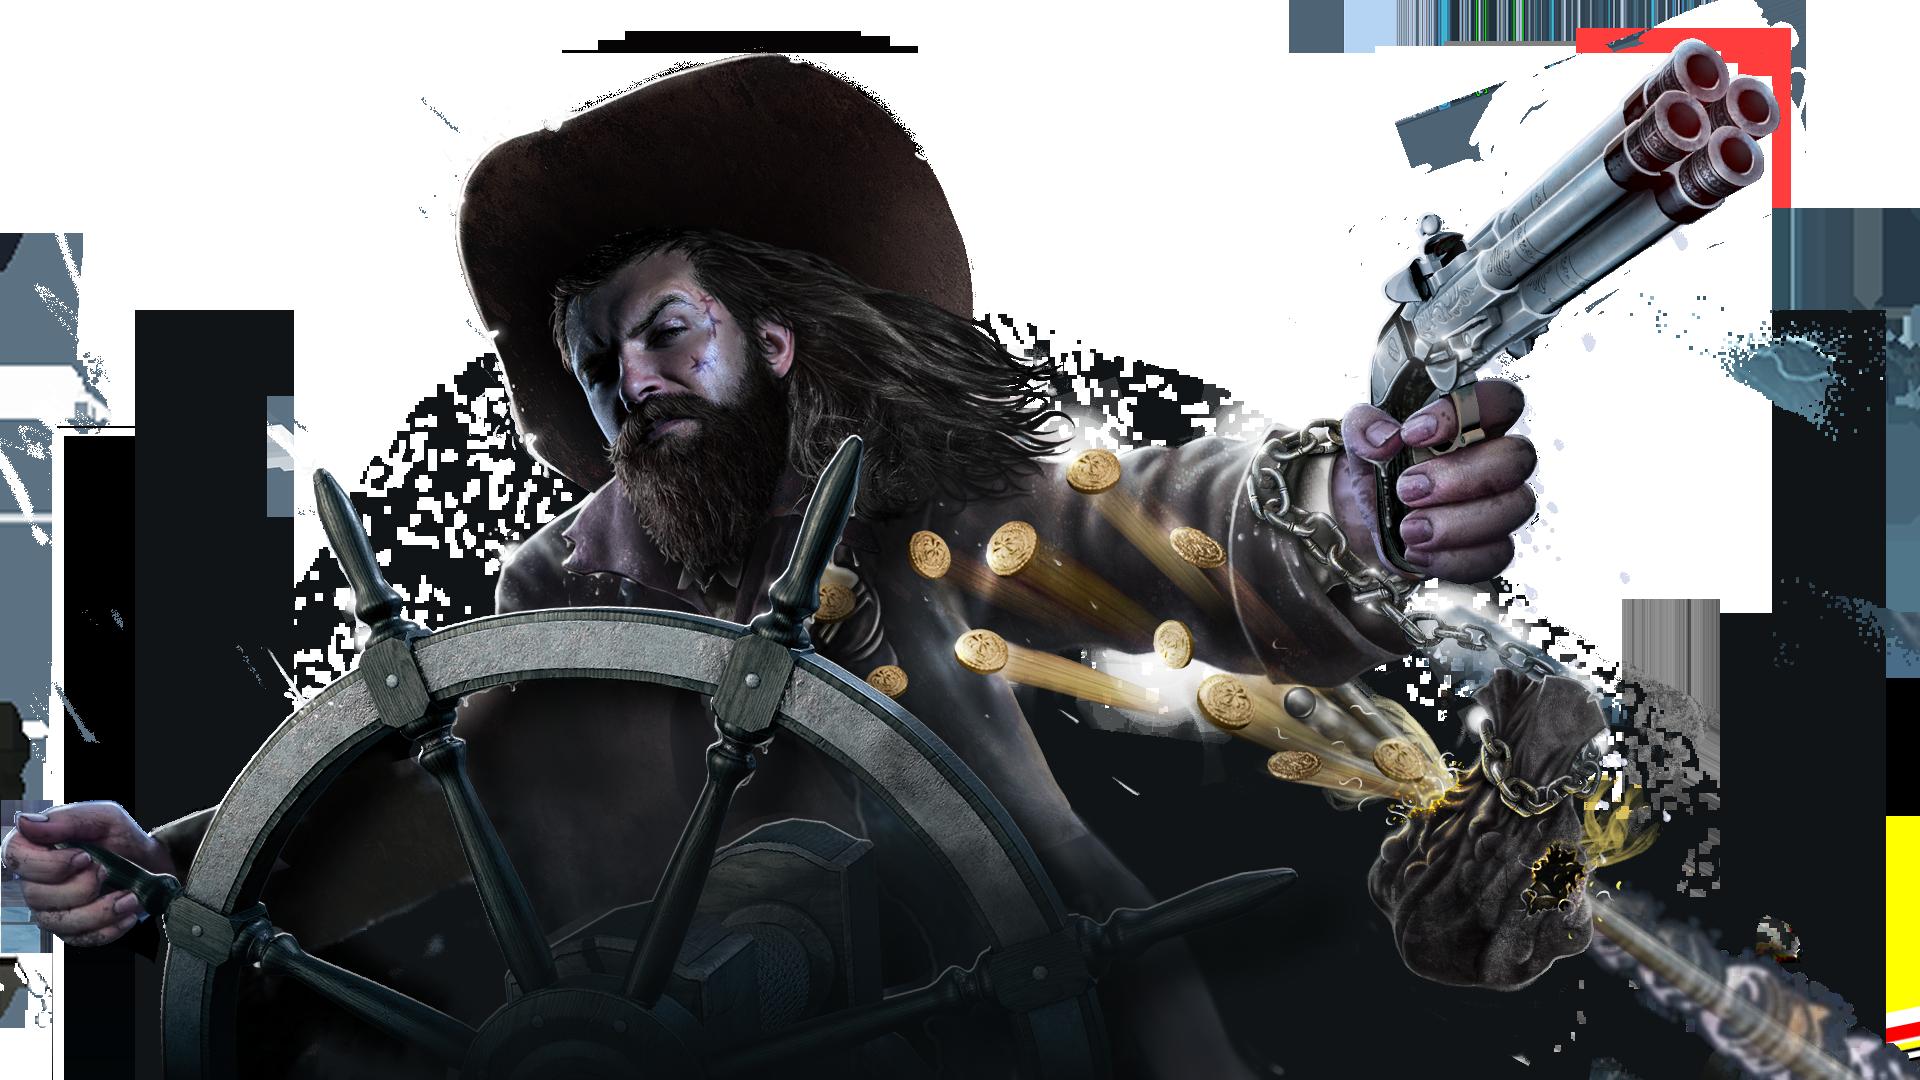 PirateNoBG